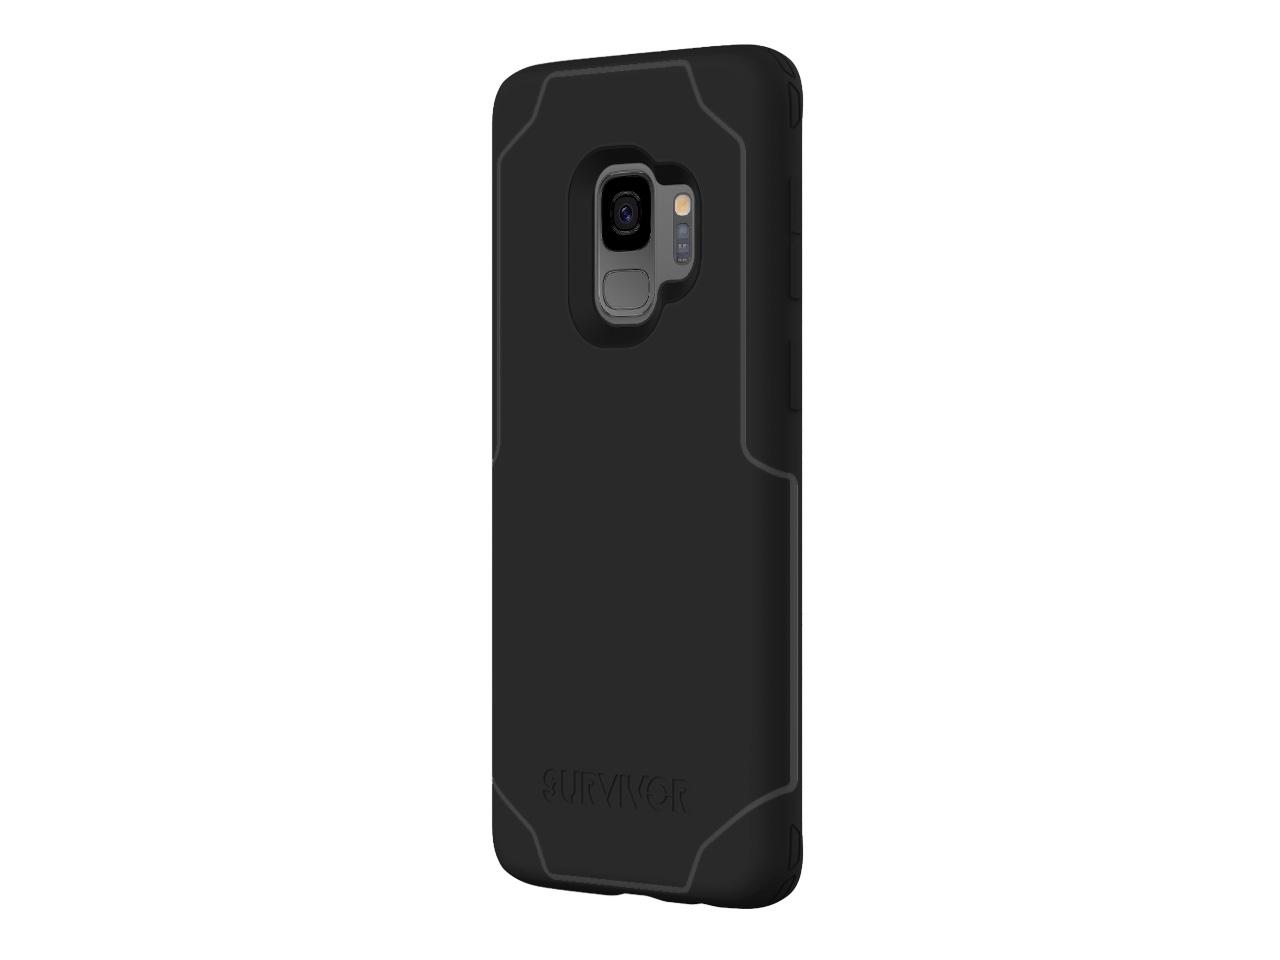 """Incipio TA44229 mobile phone case 14.7 cm (5.8"""") Cover Black"""